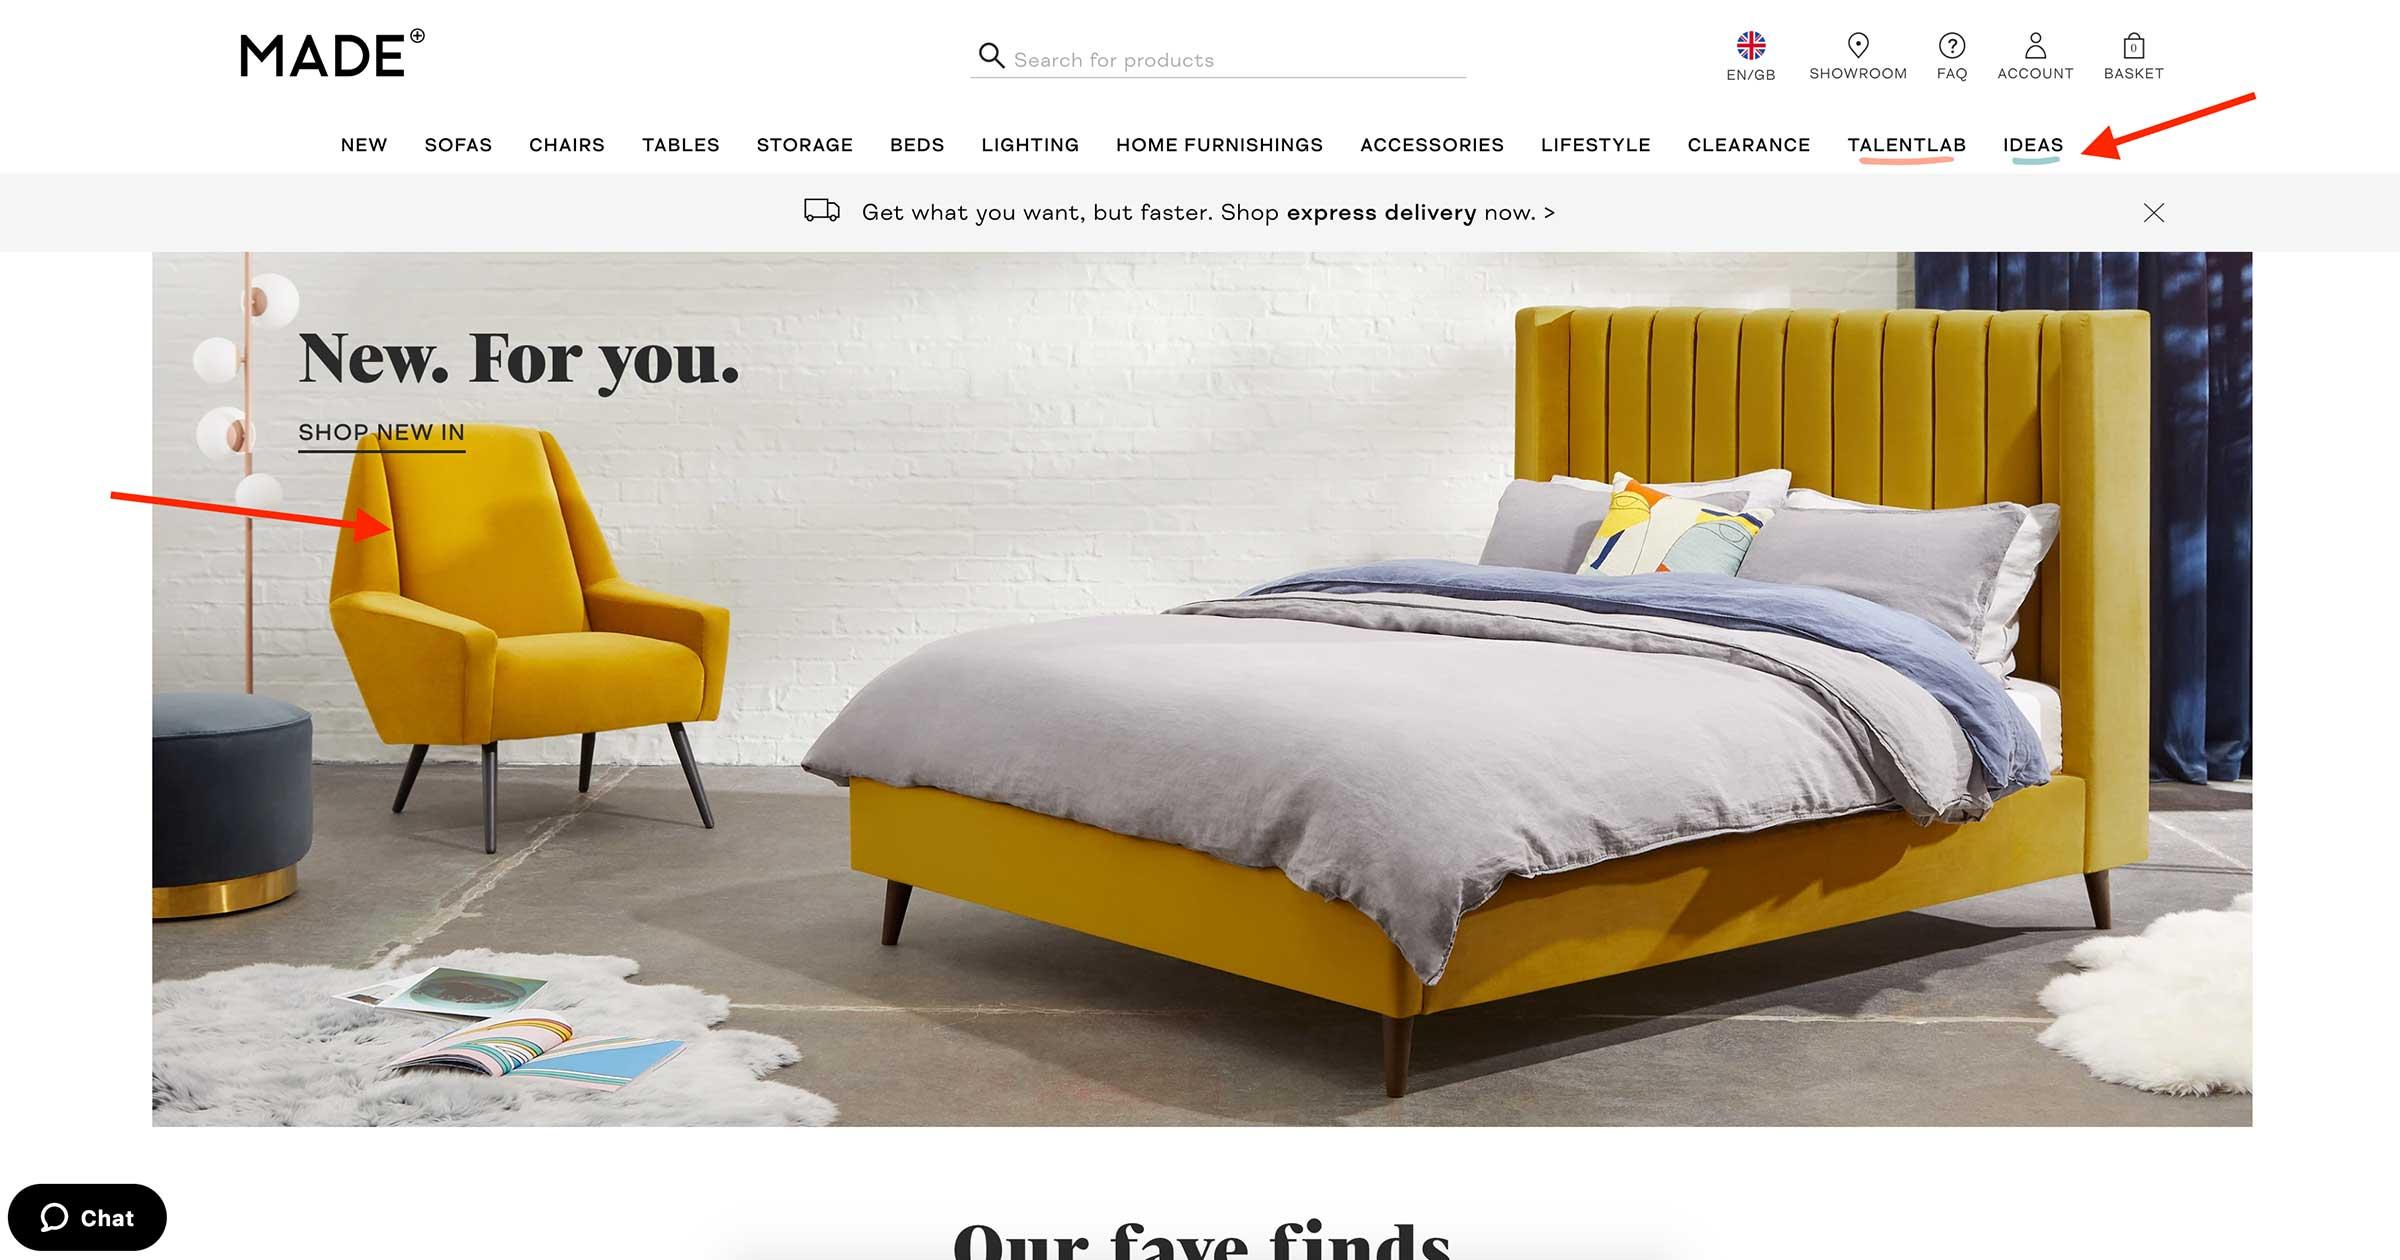 made.com home page